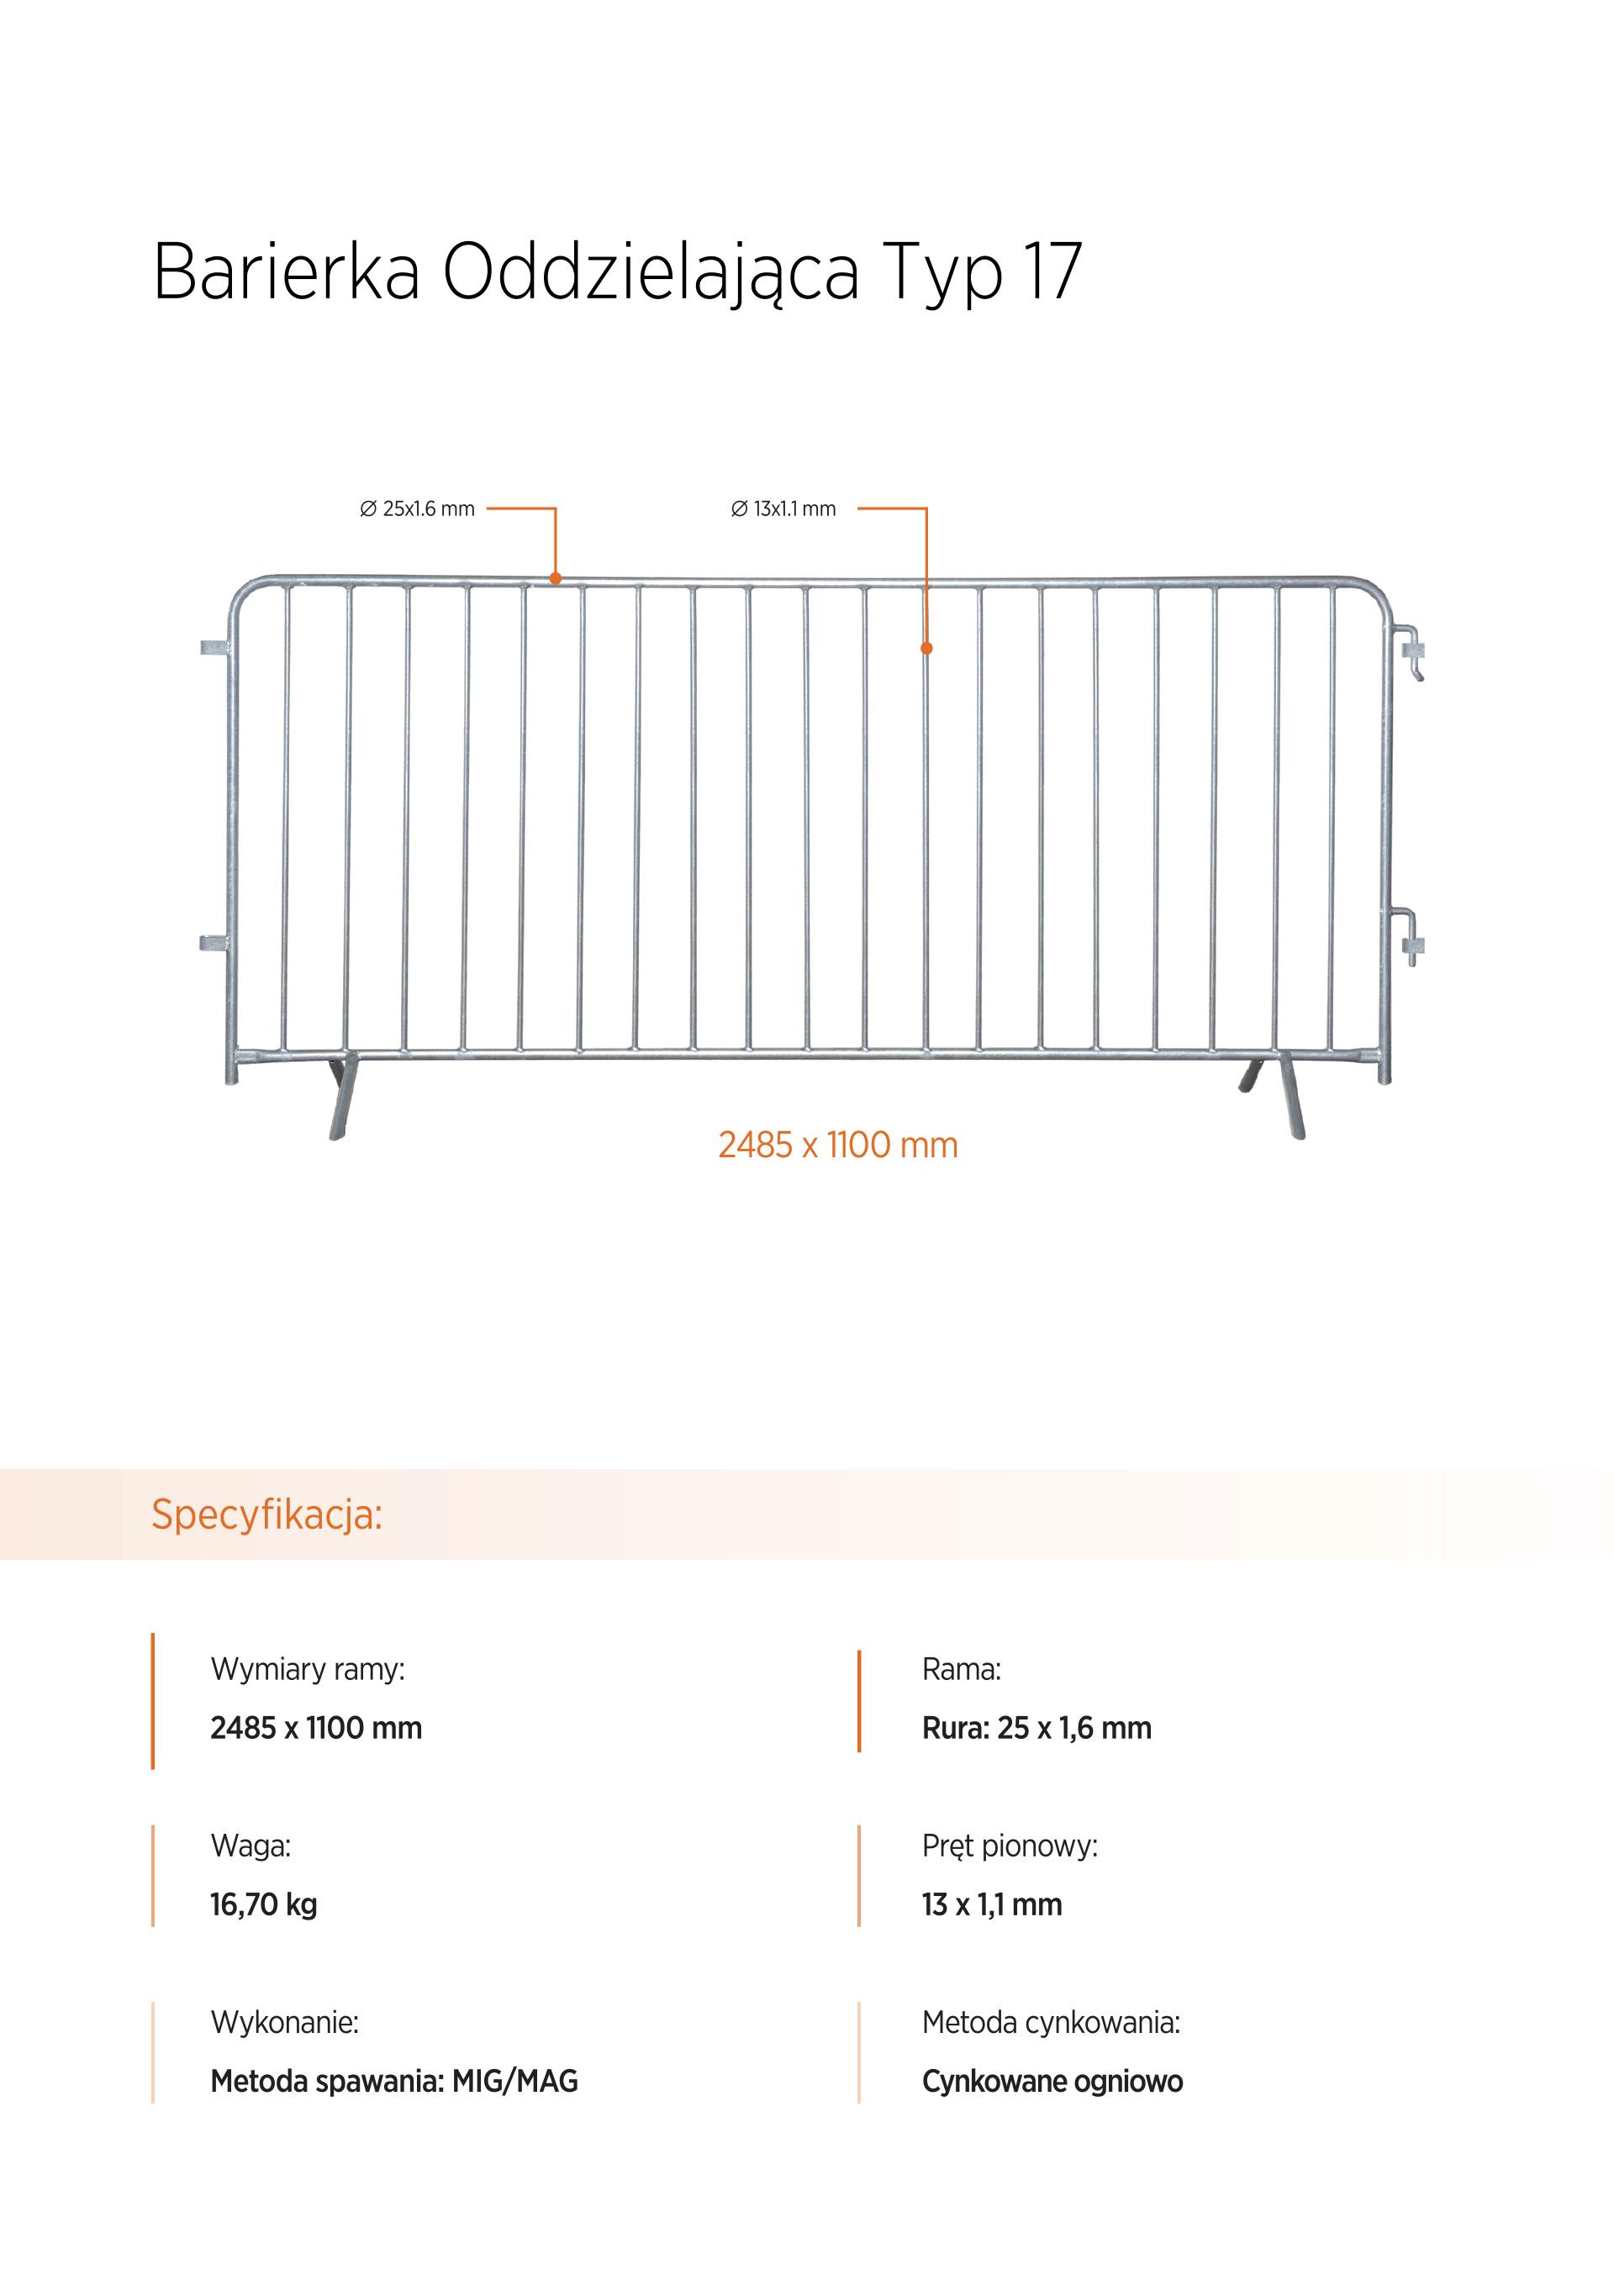 barierka eventowa - Ogrodzenia tymczasowe Nowa Ruda